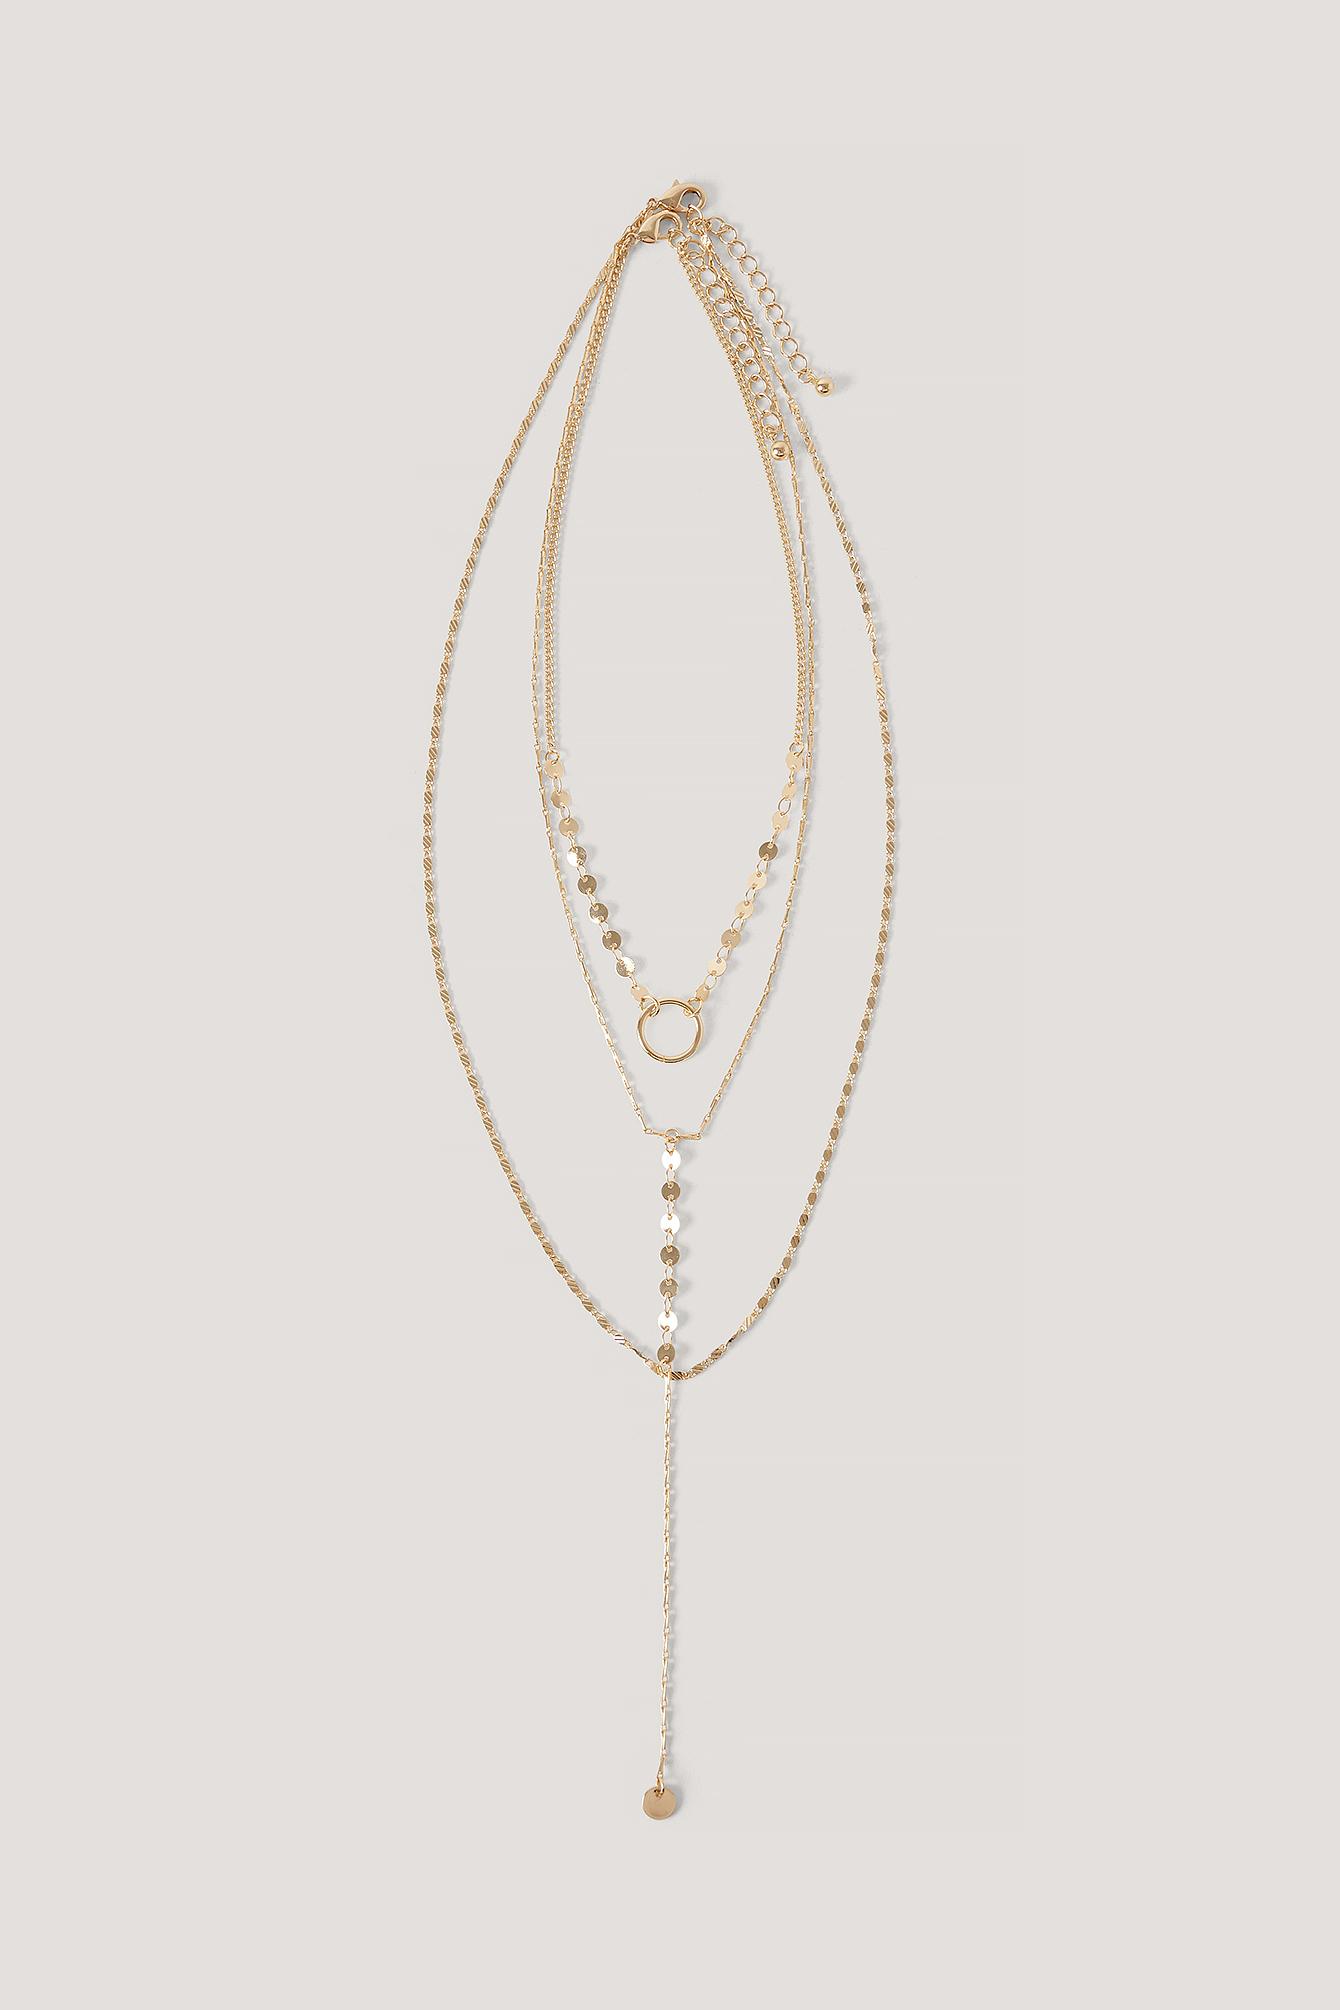 NA-KD Accessories Halsketten Mit Schönem Ringanhänger - Gold | Schmuck > Halsketten > Lange Ketten | NA-KD Accessories